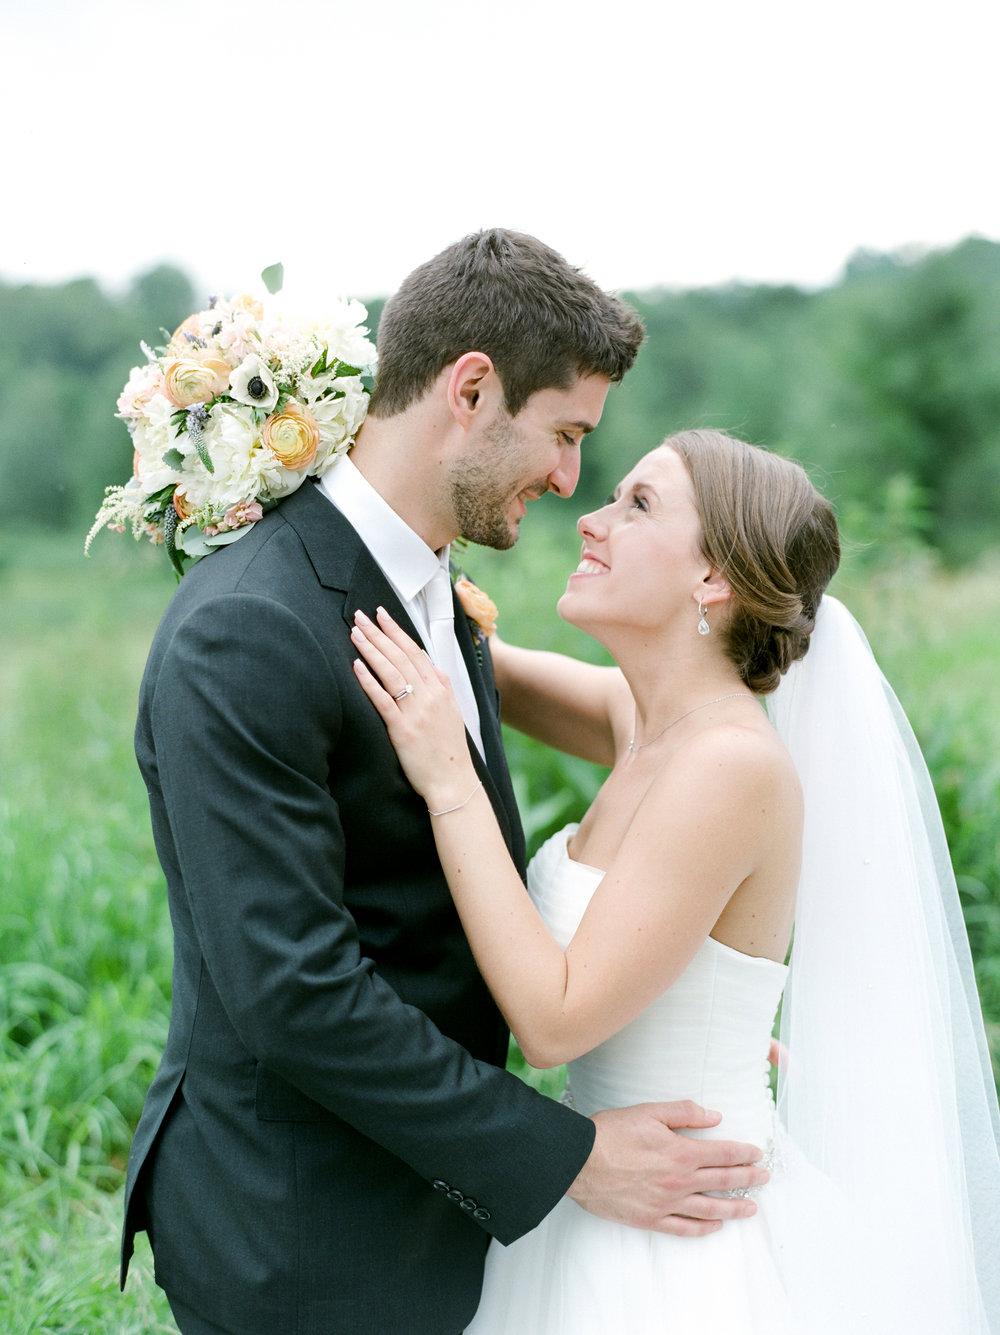 elopement photographers near Amherst Mass